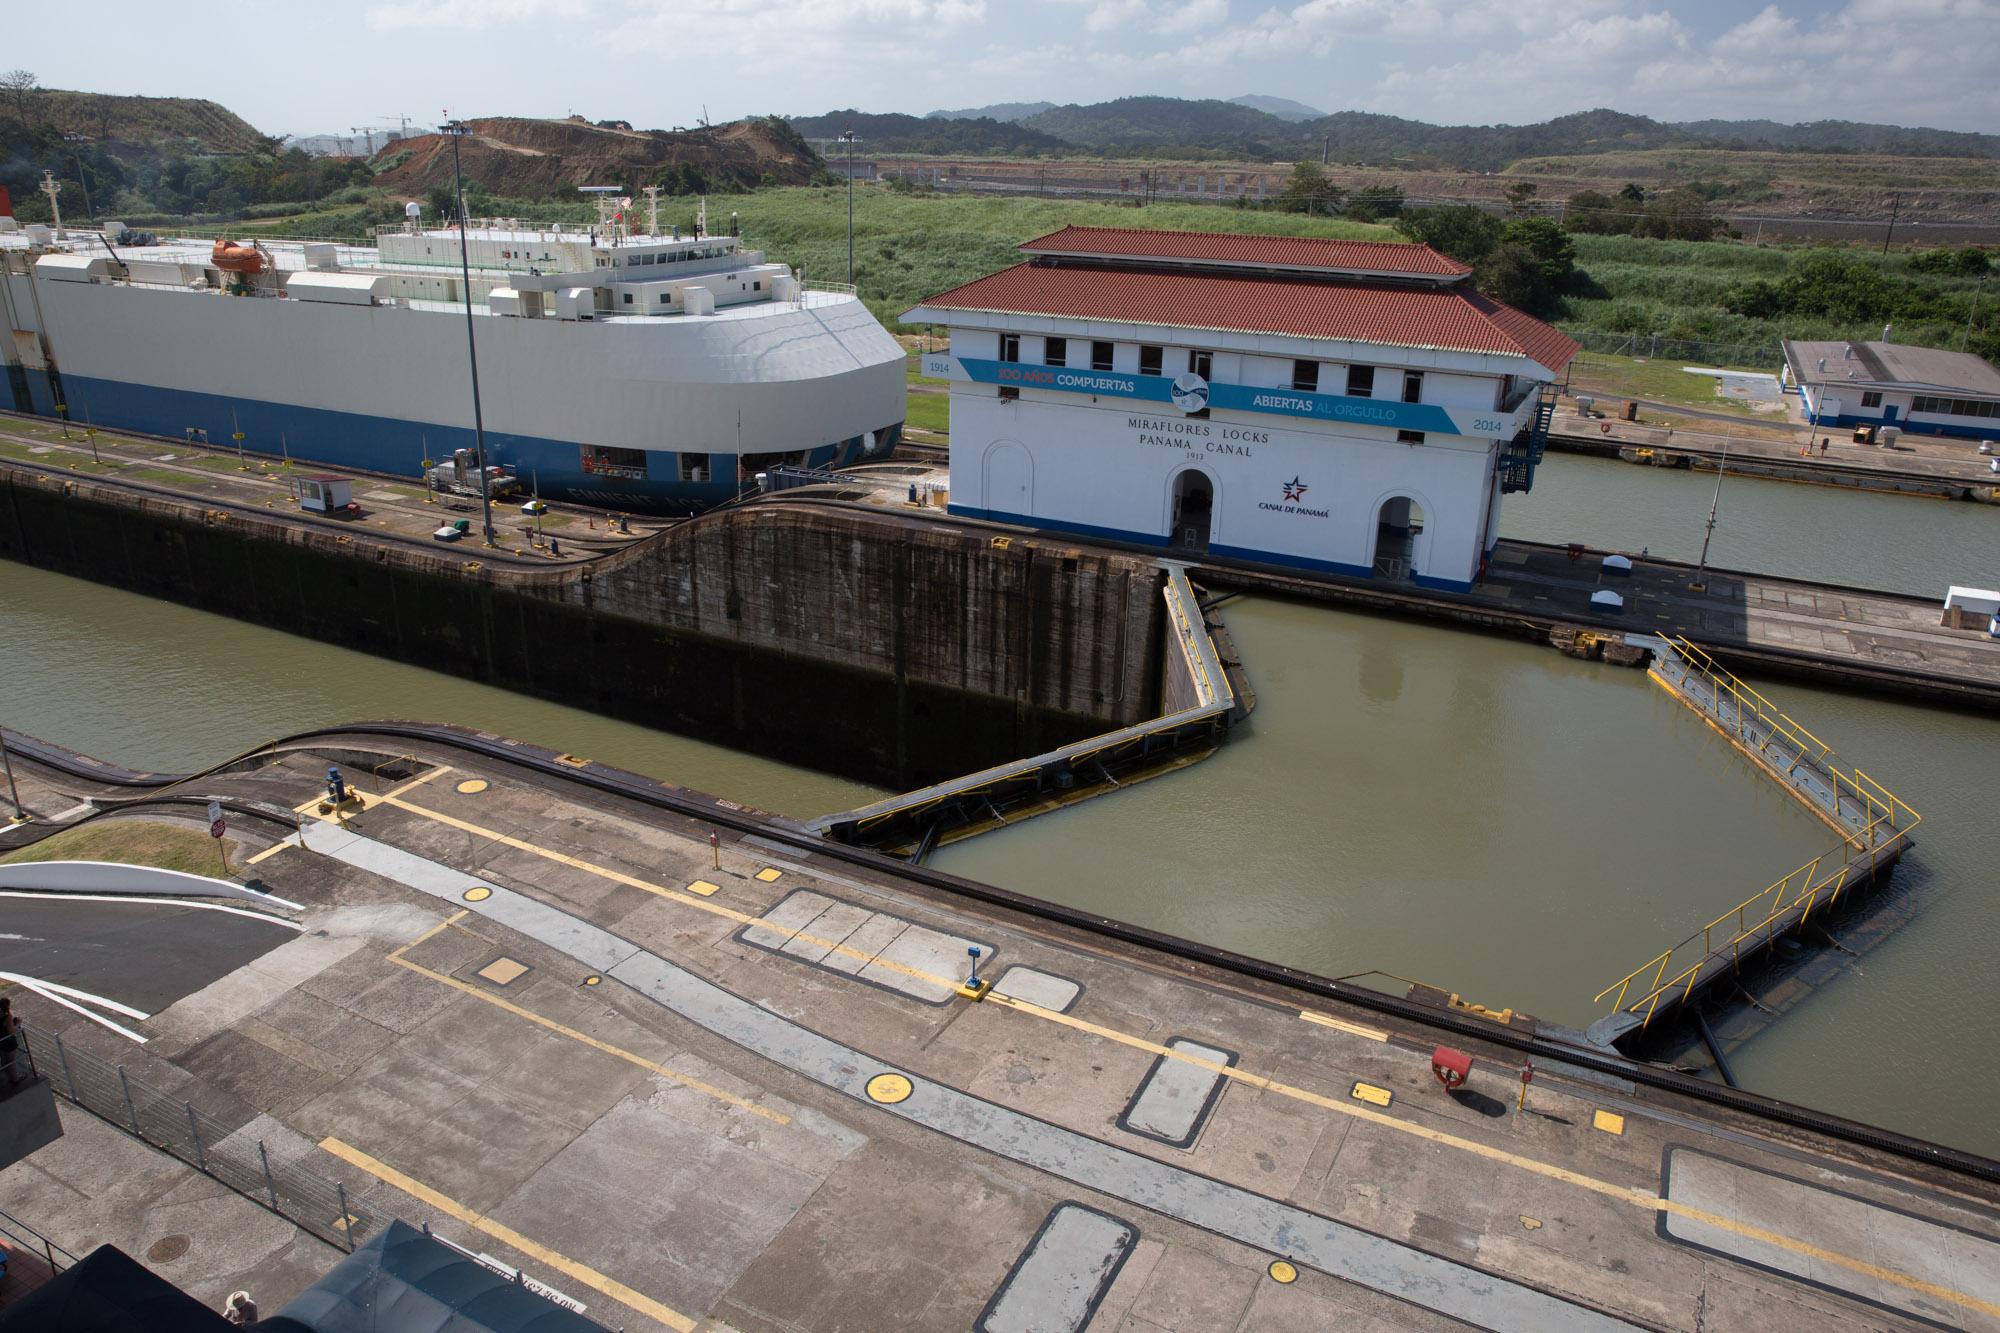 Las esclusas de Miraflores del canal de Panamá